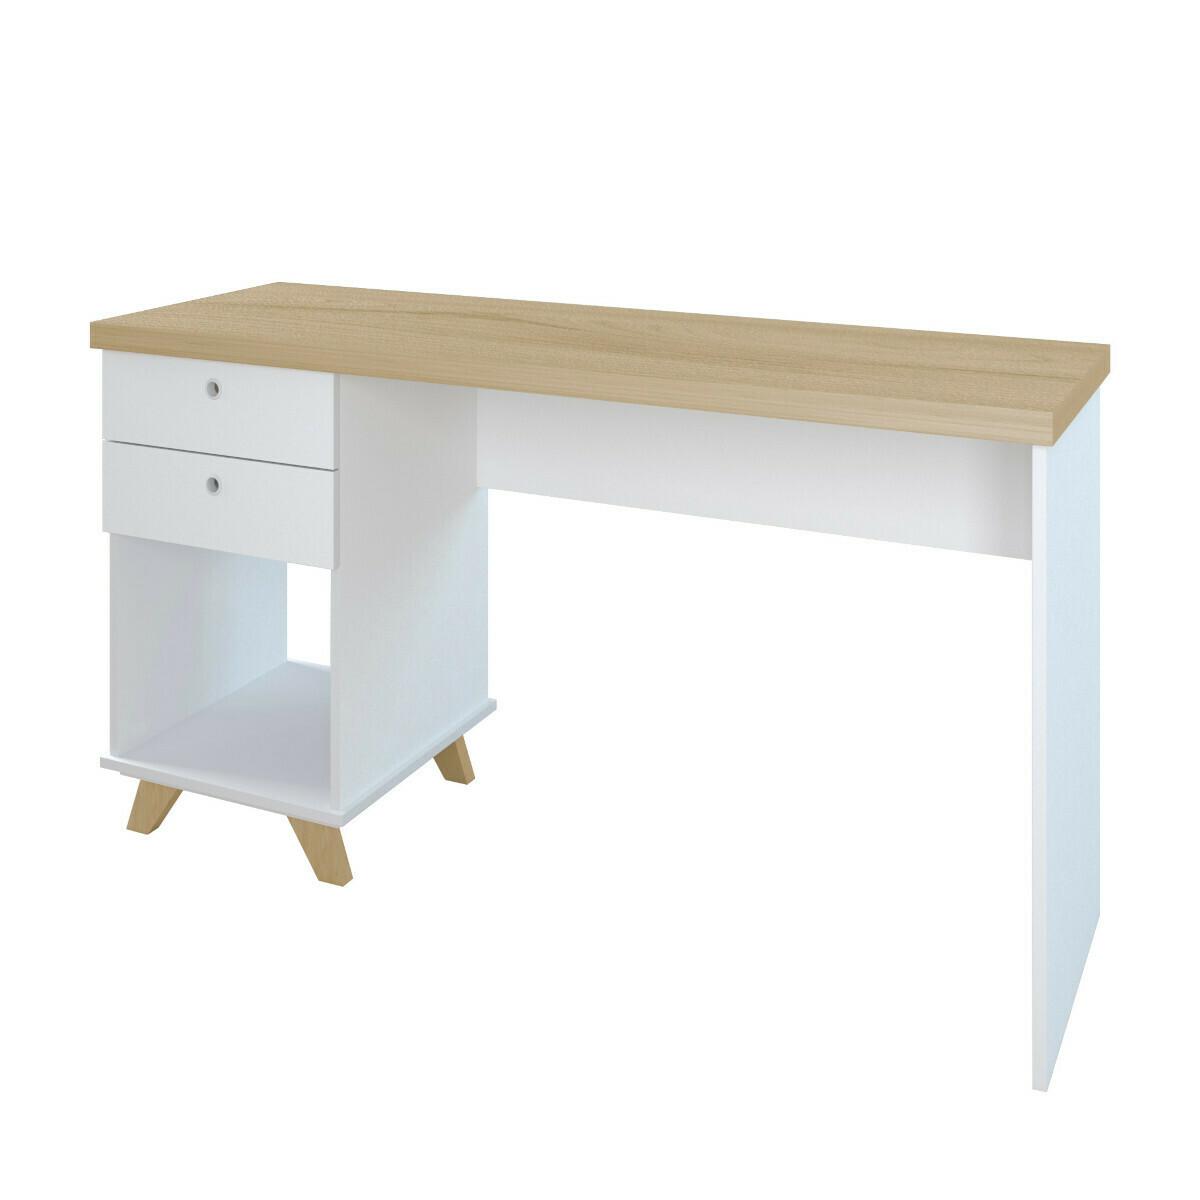 Bureau 2 tiroirs Panneaux de bois  Blanc, bois